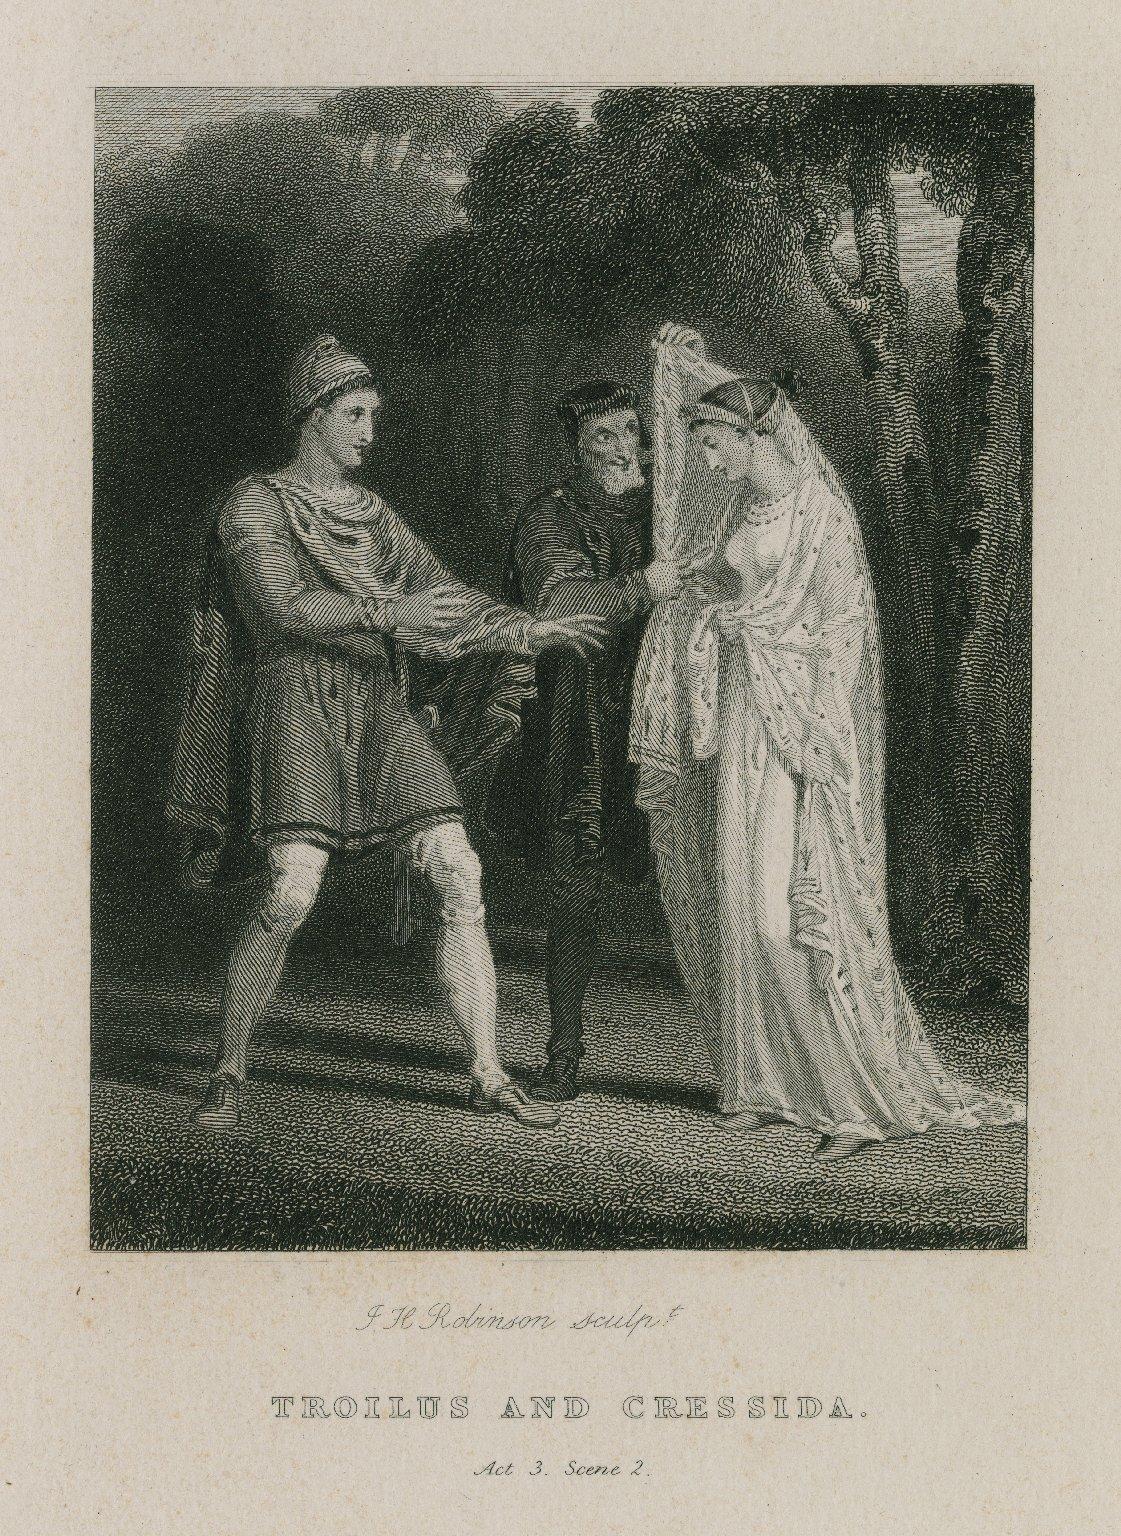 Troilus and Cressida, act 3, scene 2 [graphic] / J.H. Robinson, sculpt.